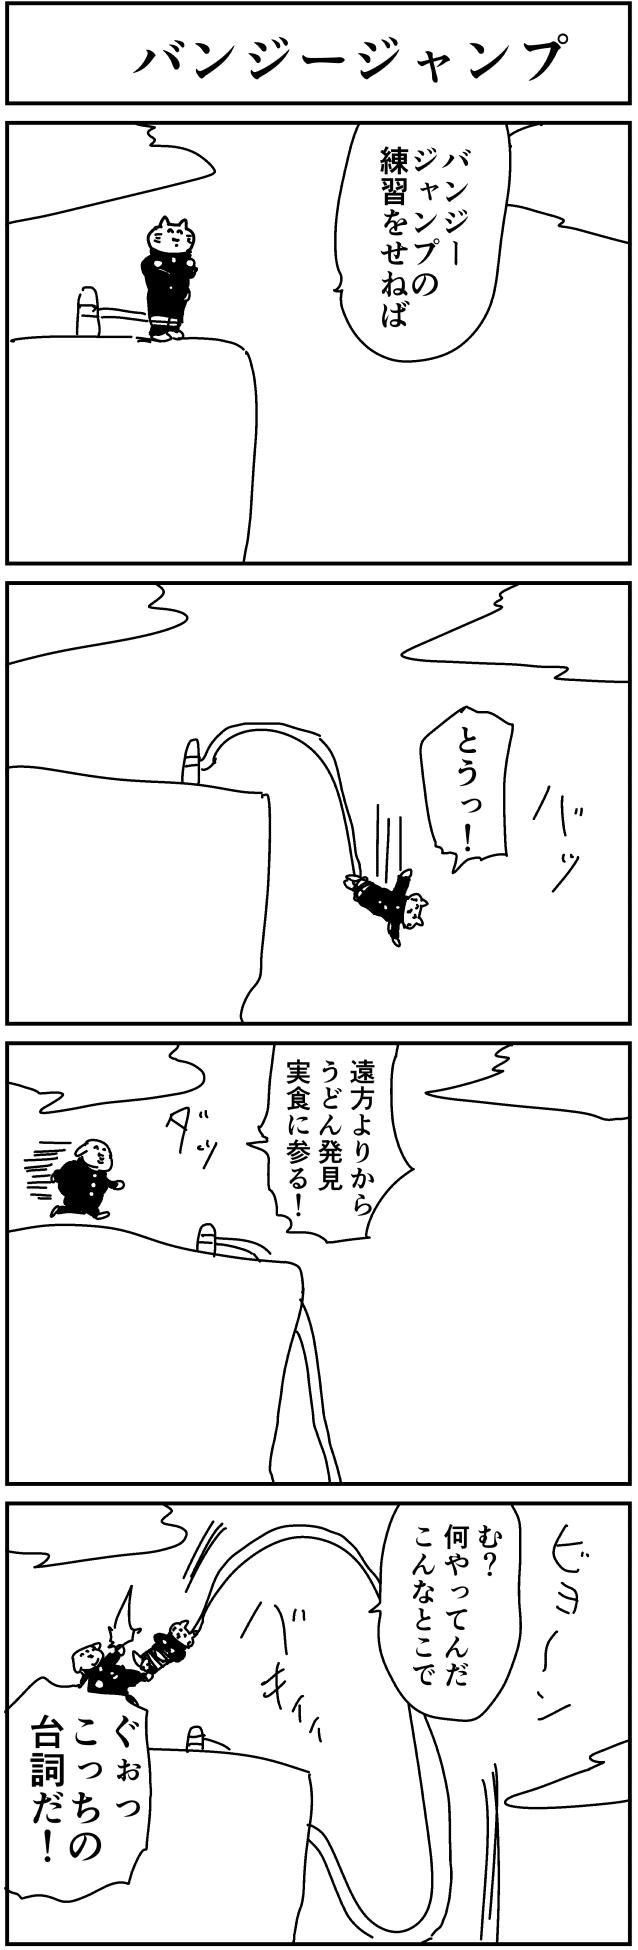 バンジージャンプ